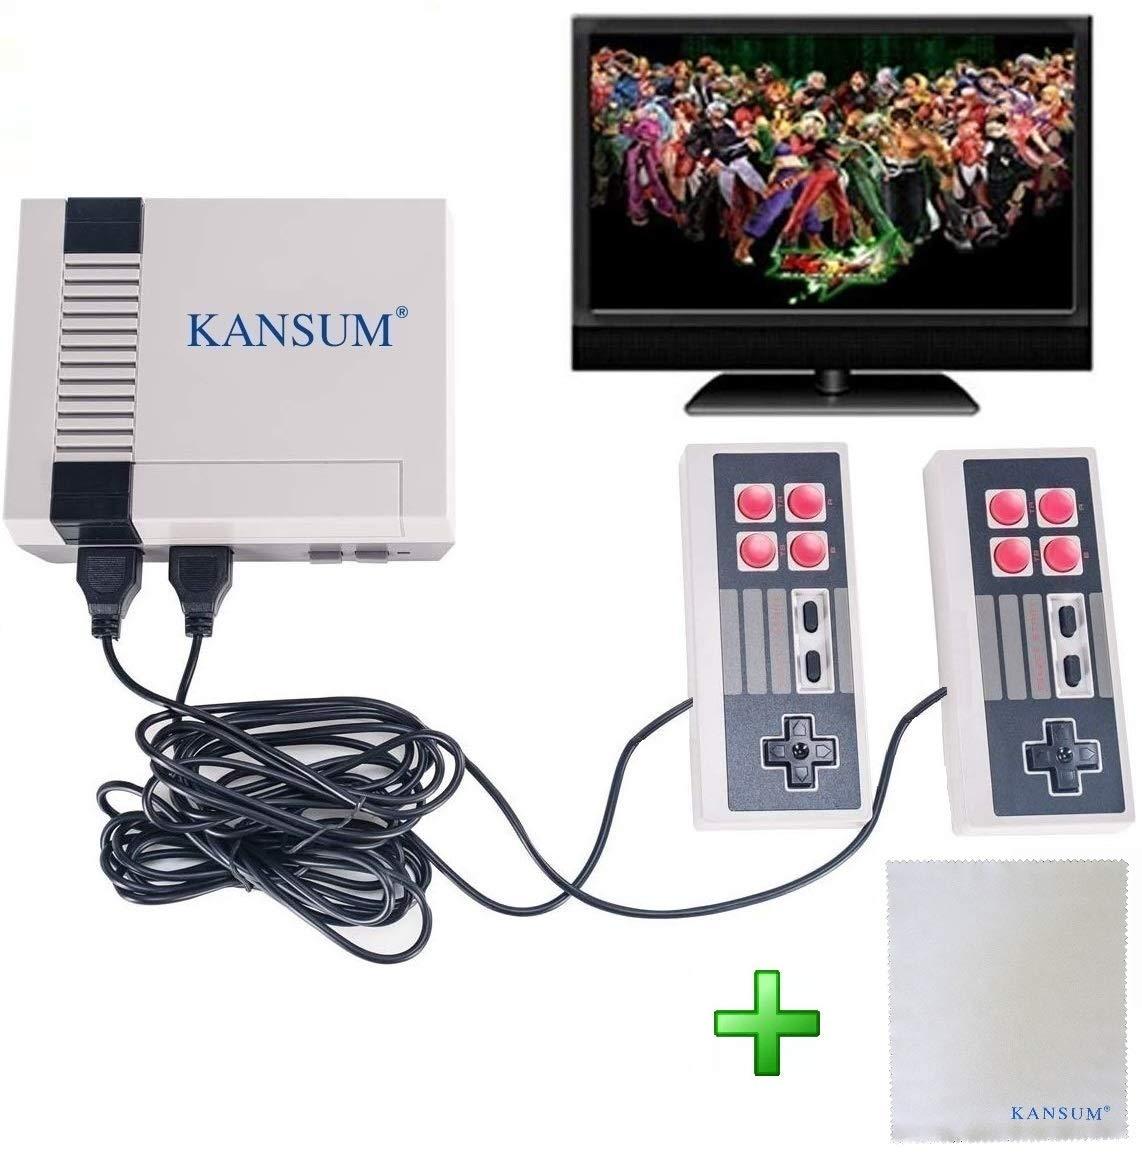 Classic Retro Family Game Console